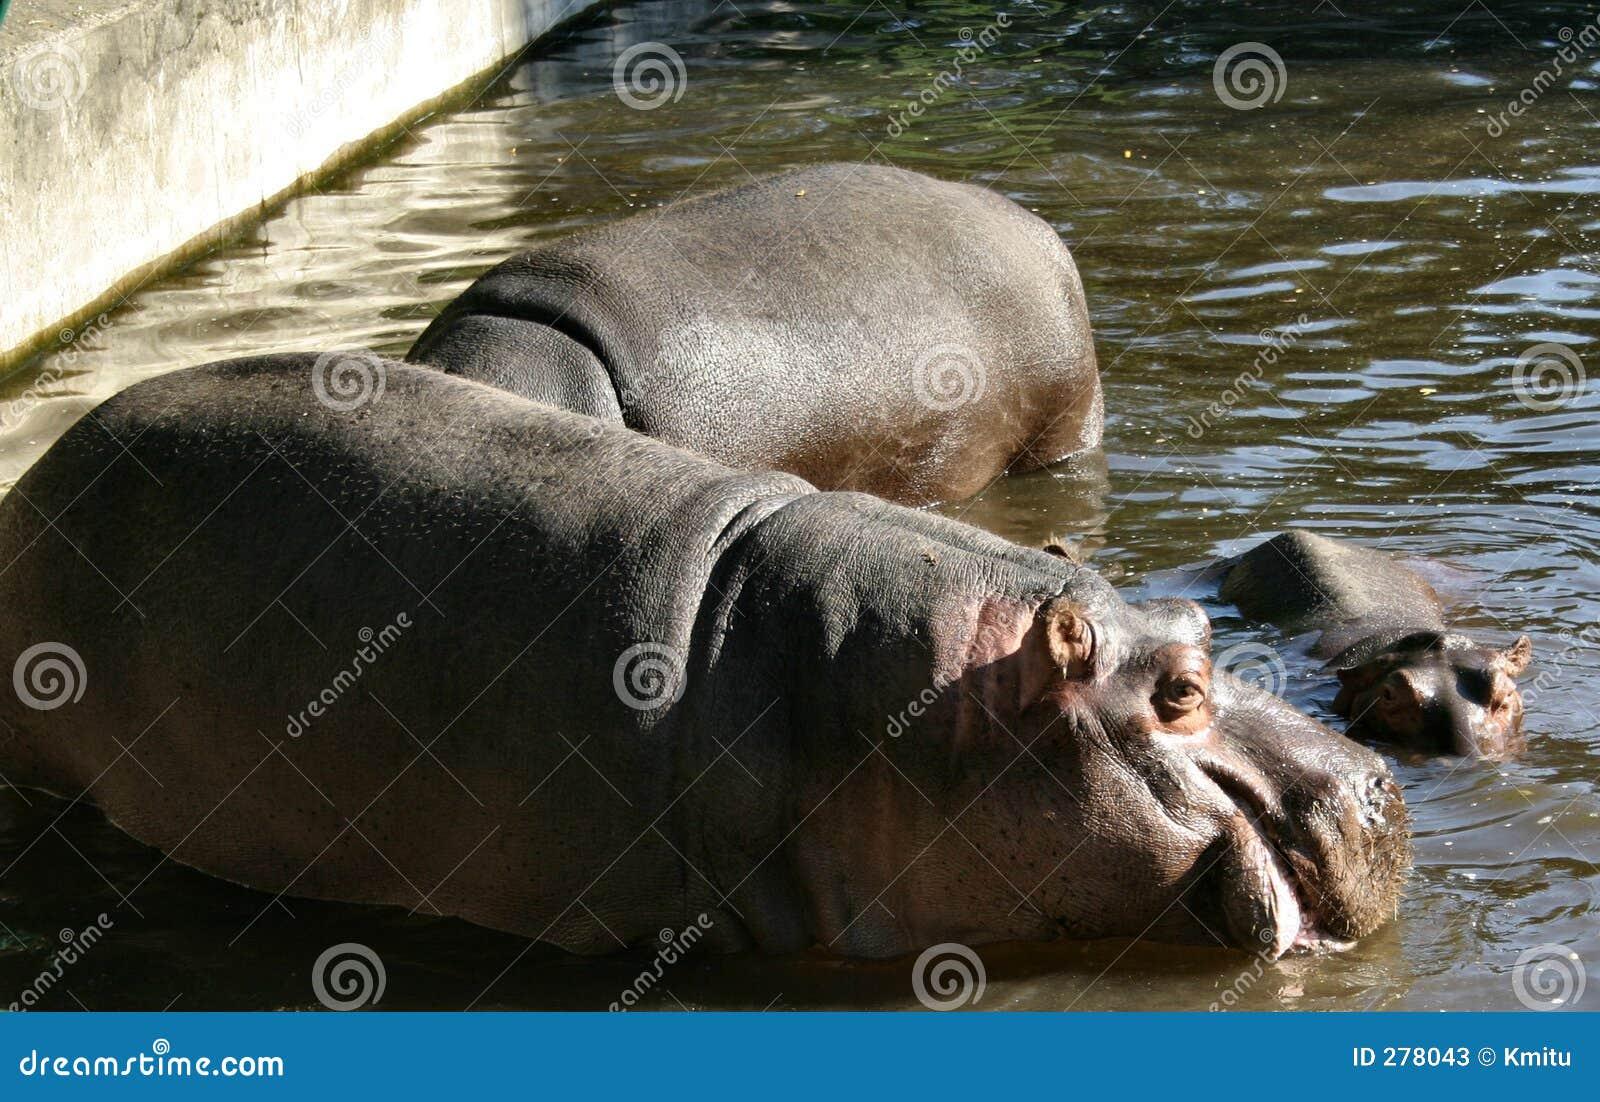 Hippos #2